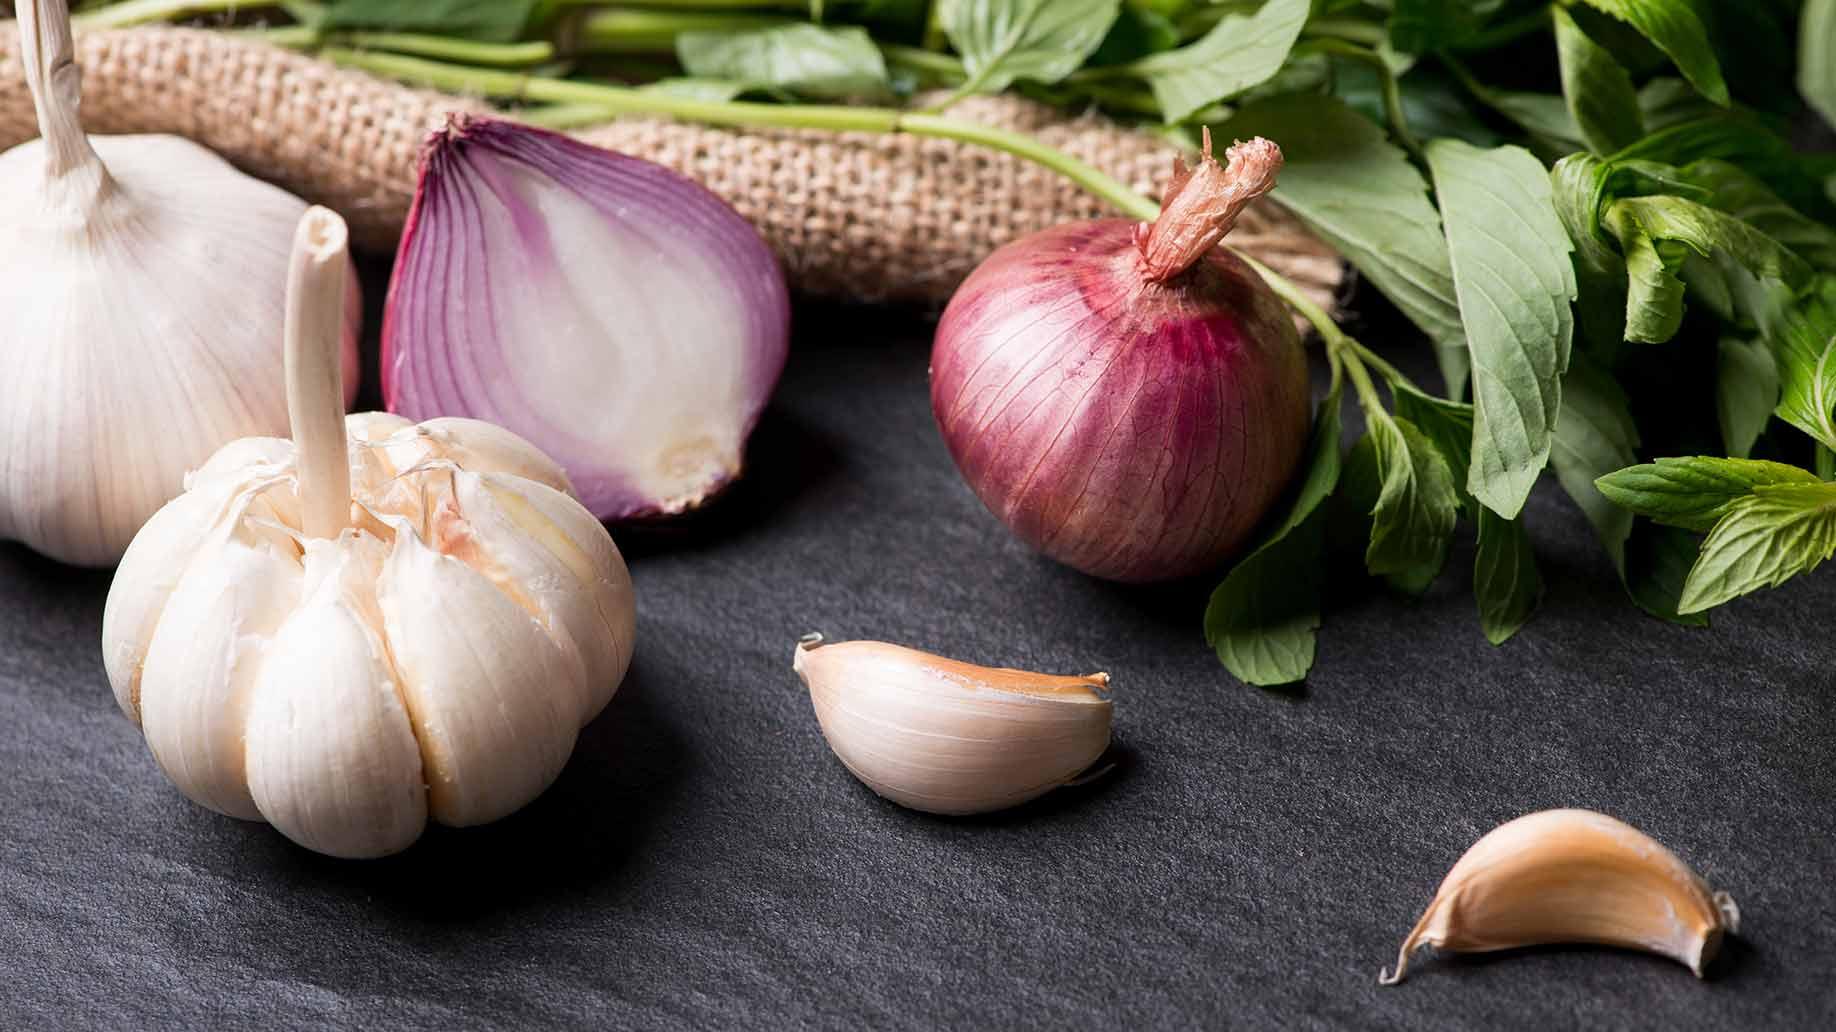 garlic-onions-hair-loss-thinning-balding-natural-remedies